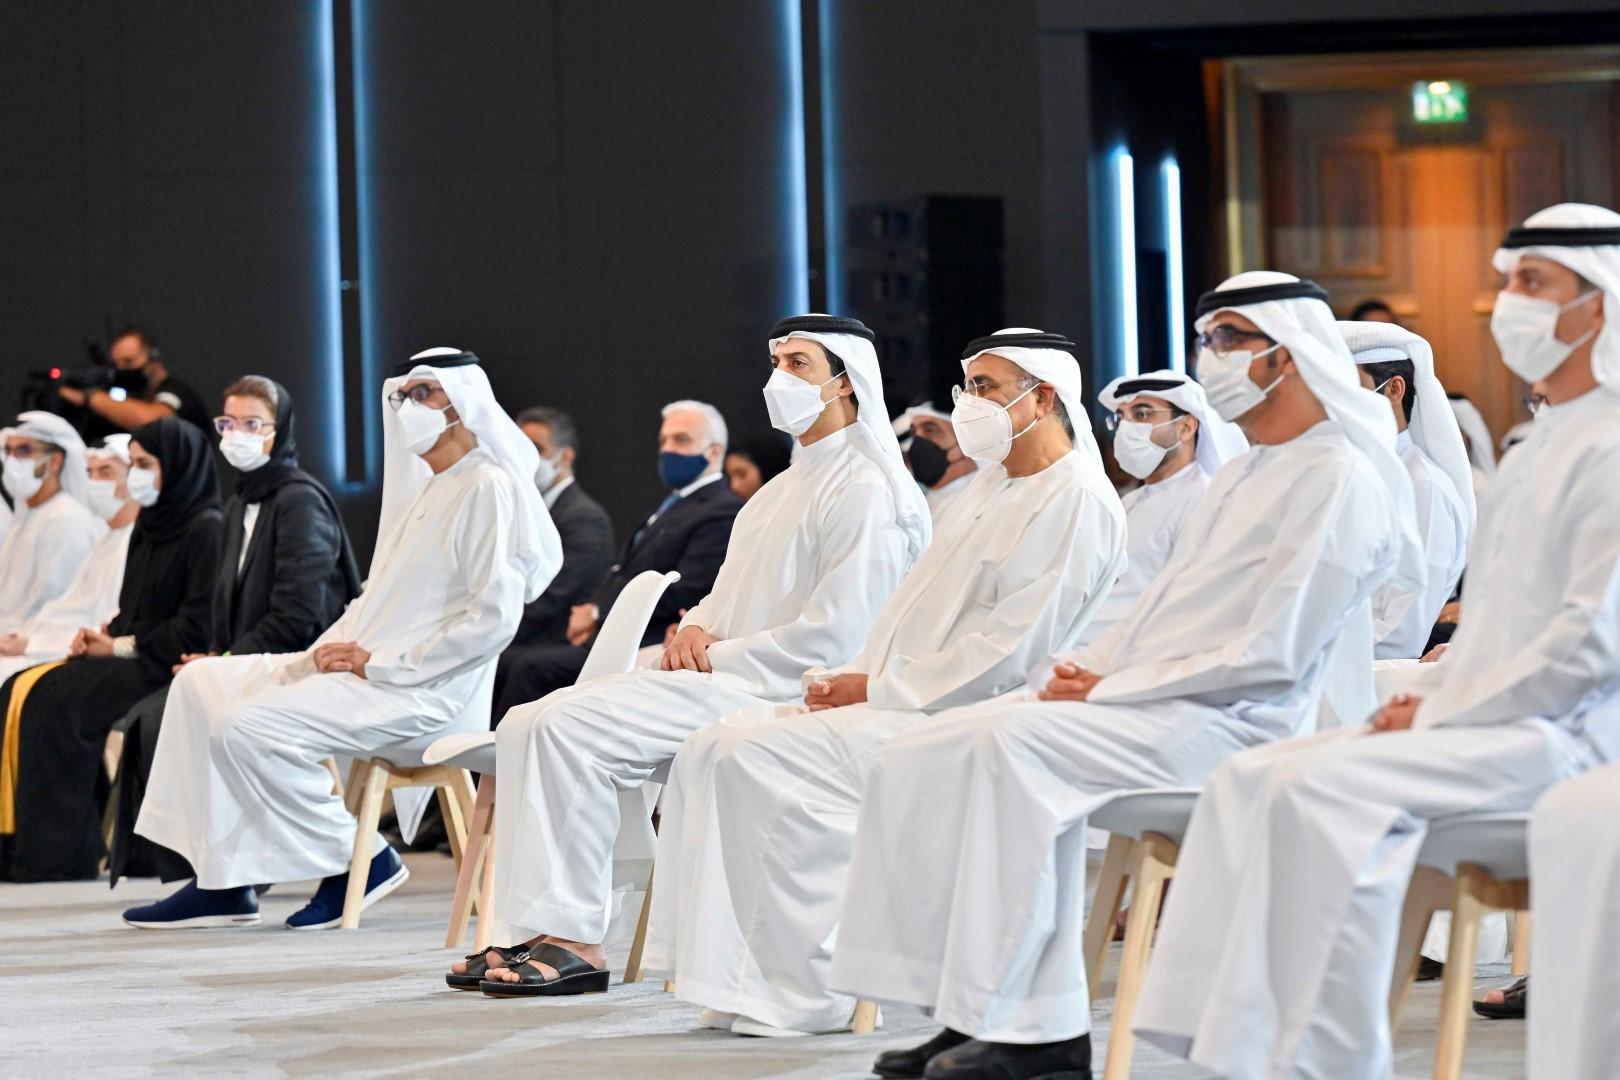 رئيس الدولة يوجه بتخصيص 24 مليار درهم لاستيعاب 75 ألف مواطن في القطاع الخاص خلال السنوات الخمس المقبلة